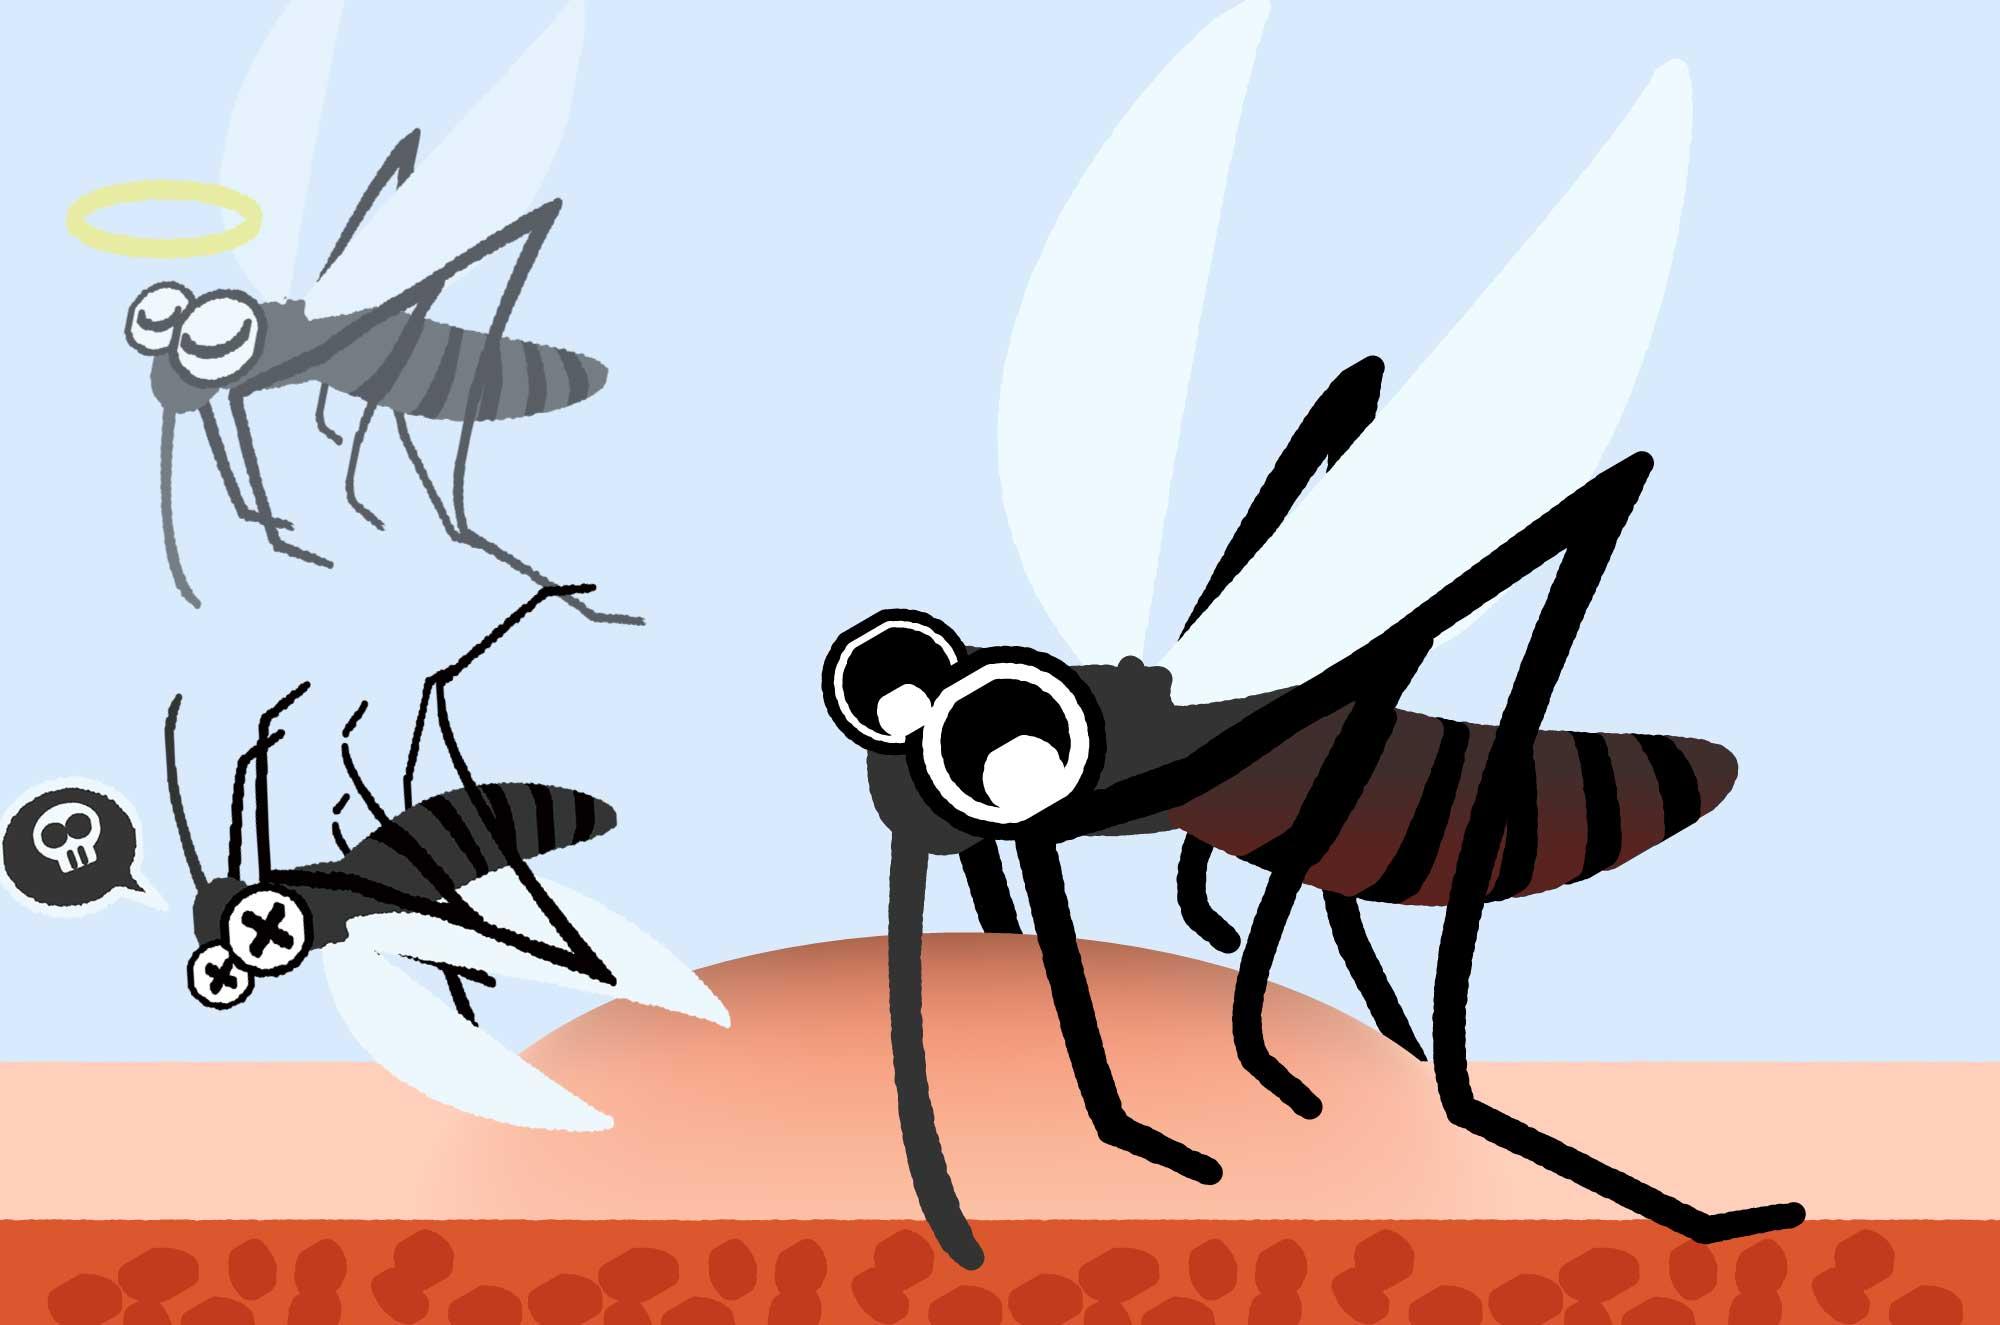 可愛い蚊のイラスト - 蚊取り線香と虫の無料素材